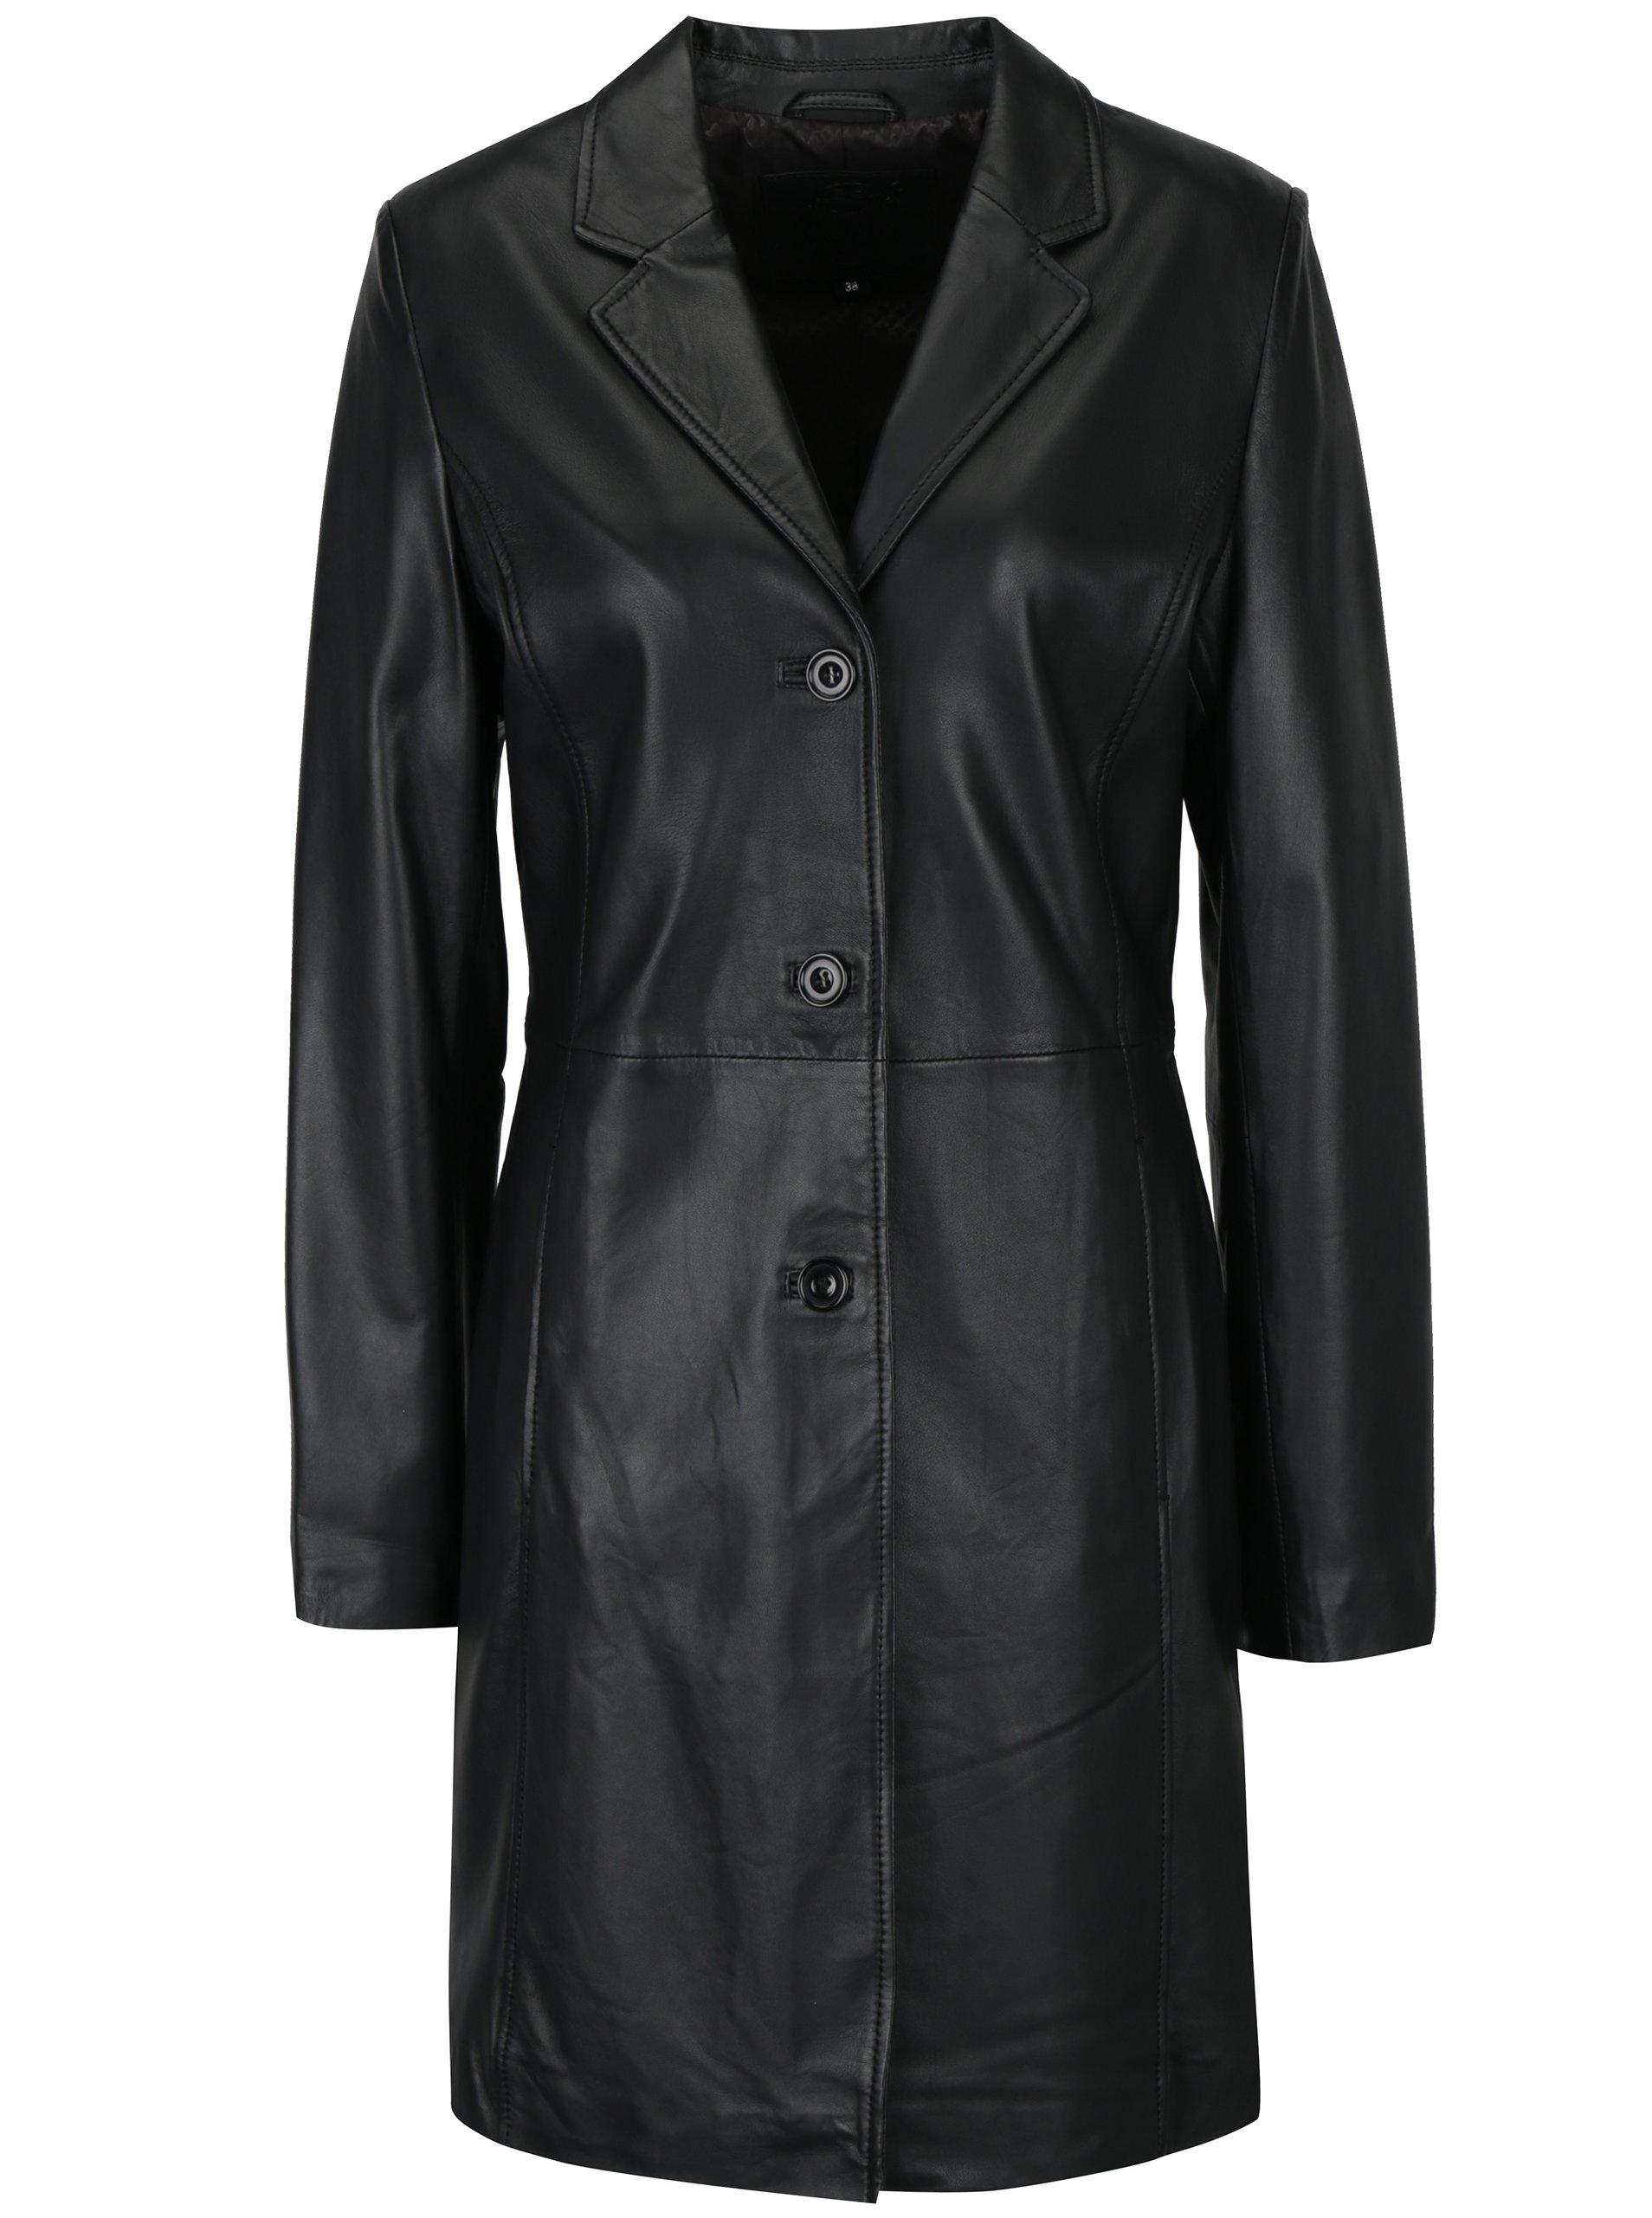 Černý dámský kožený kabát KARA Angela